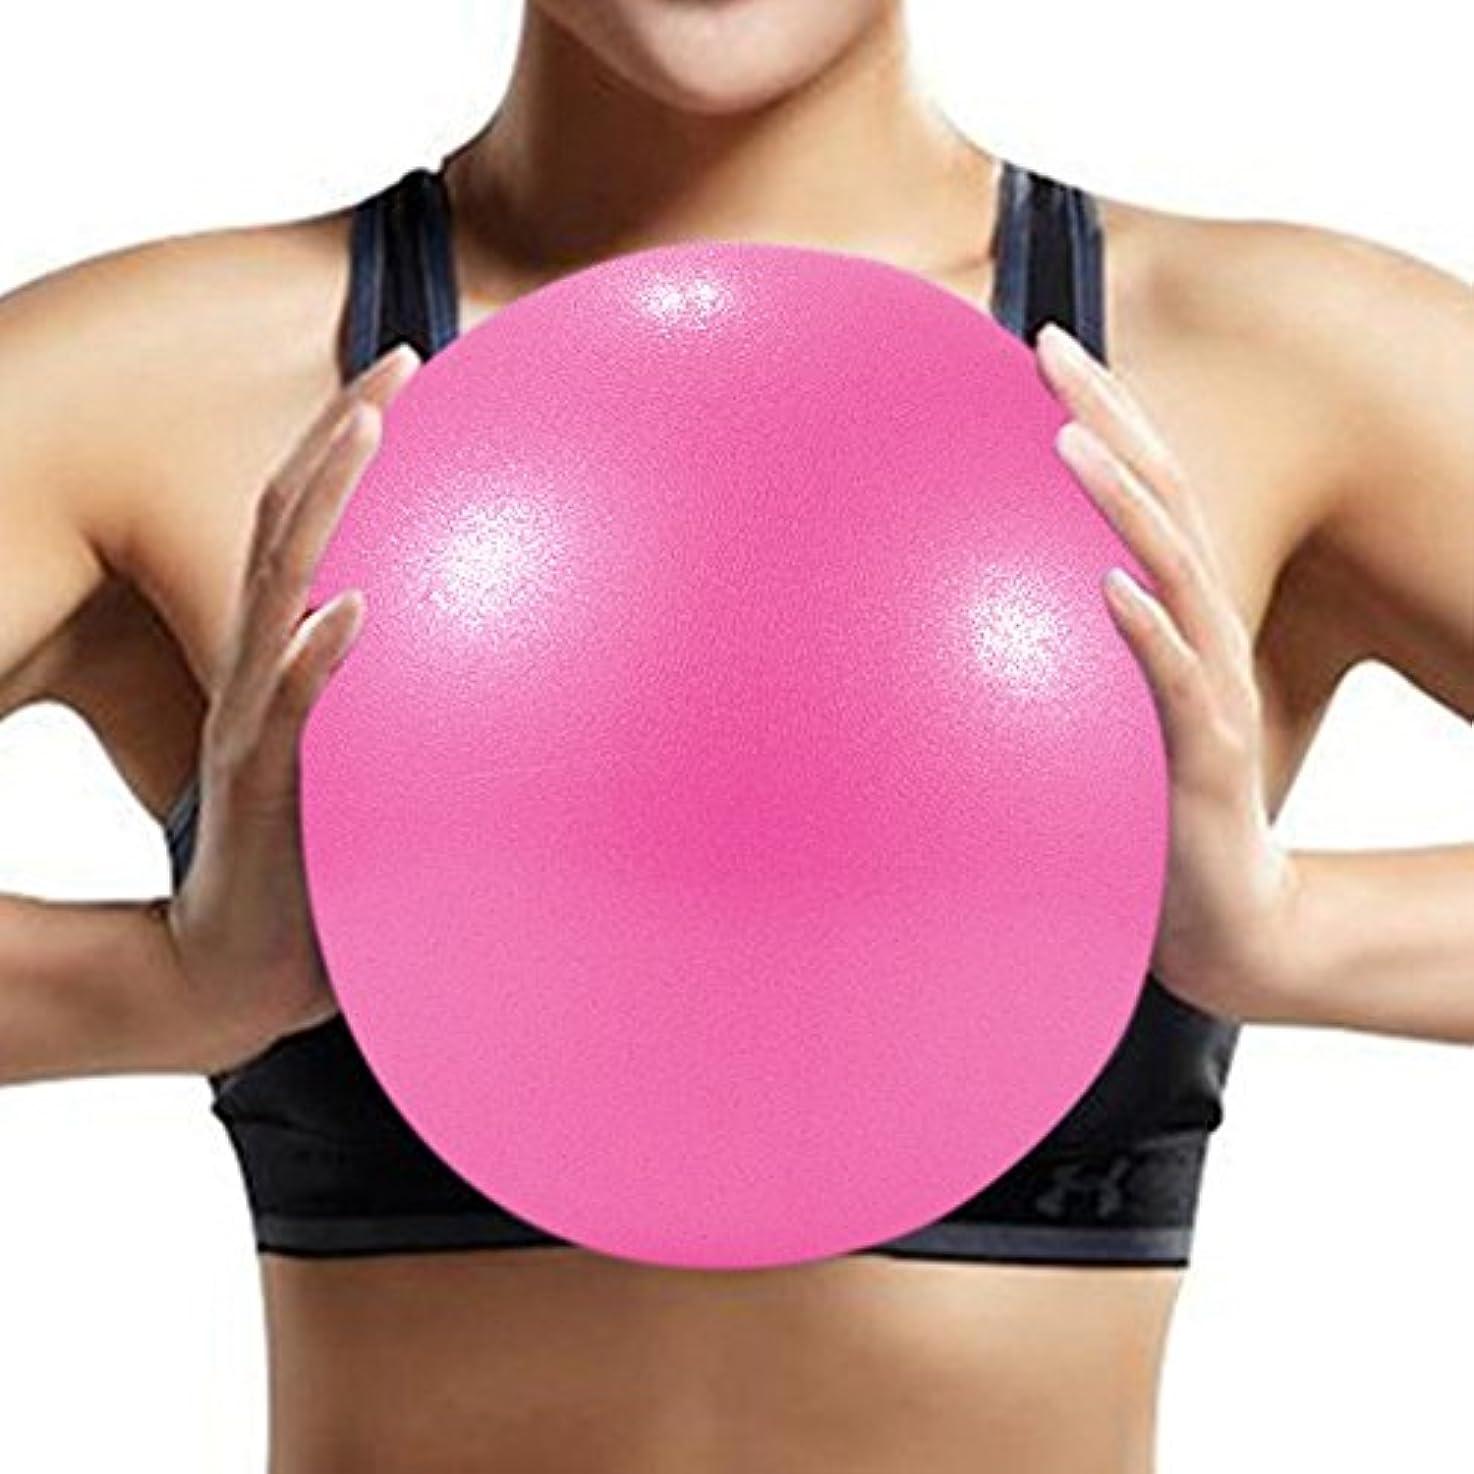 意識的持参資本主義Refaxi ピンクヨガマッサージボール25cmエクササイズピラティスバランス体操練習フィットネスボール